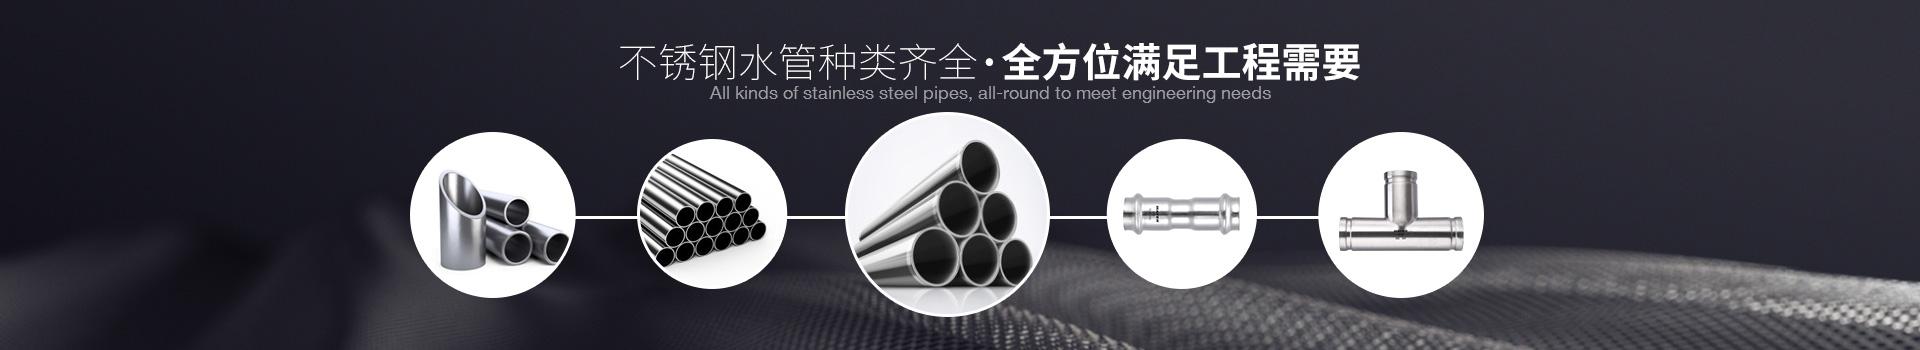 美亚不锈钢水管种类齐全,全方位满足工程需要